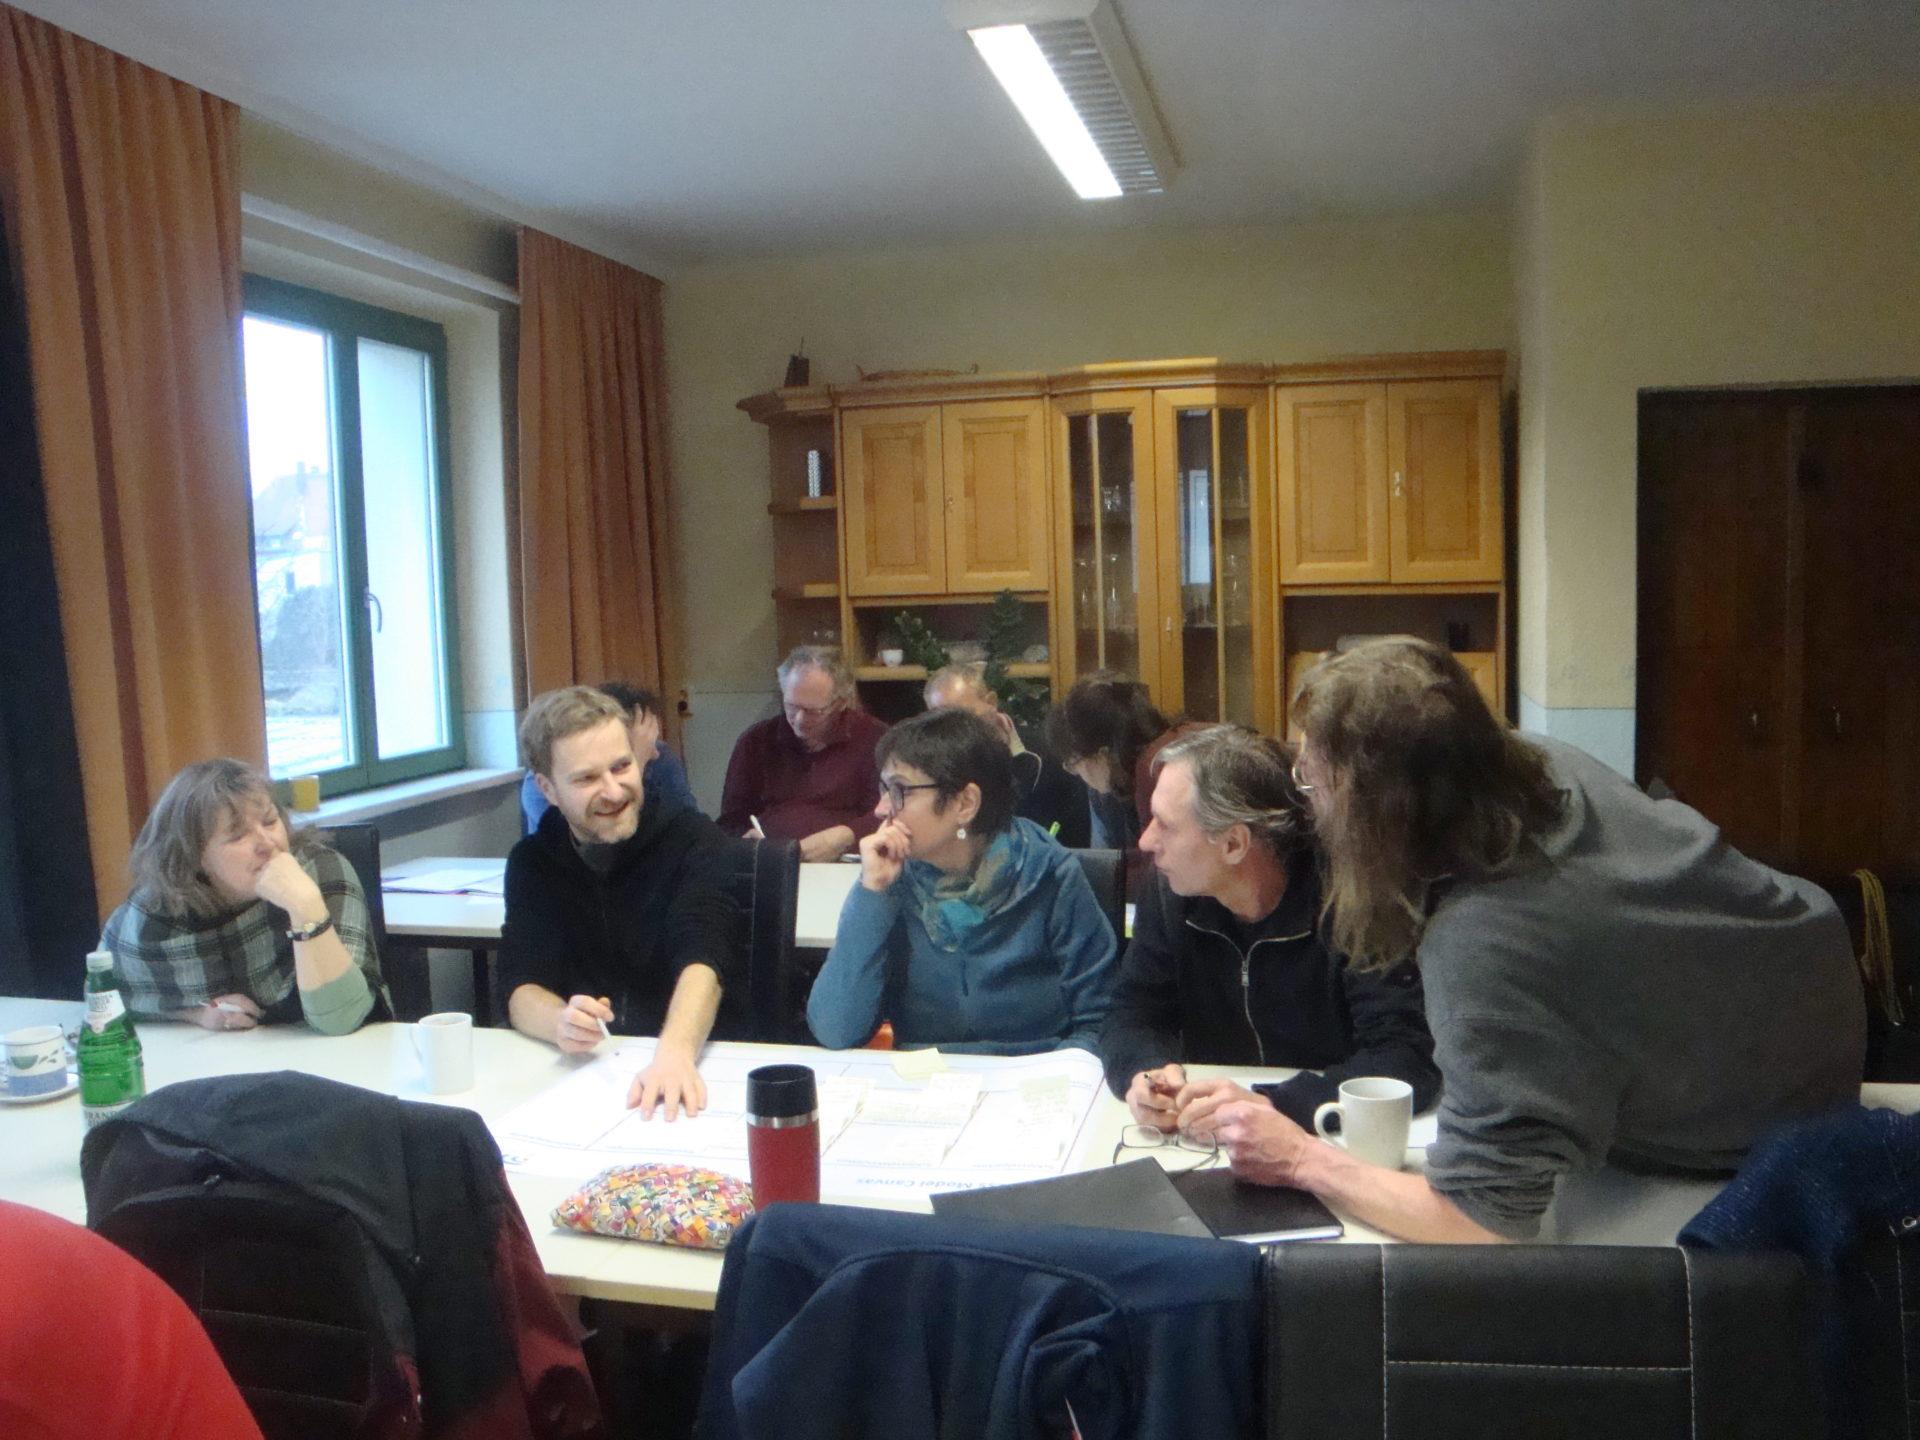 GeoRanger Ausbildung 2020, Foto: R. Heinze